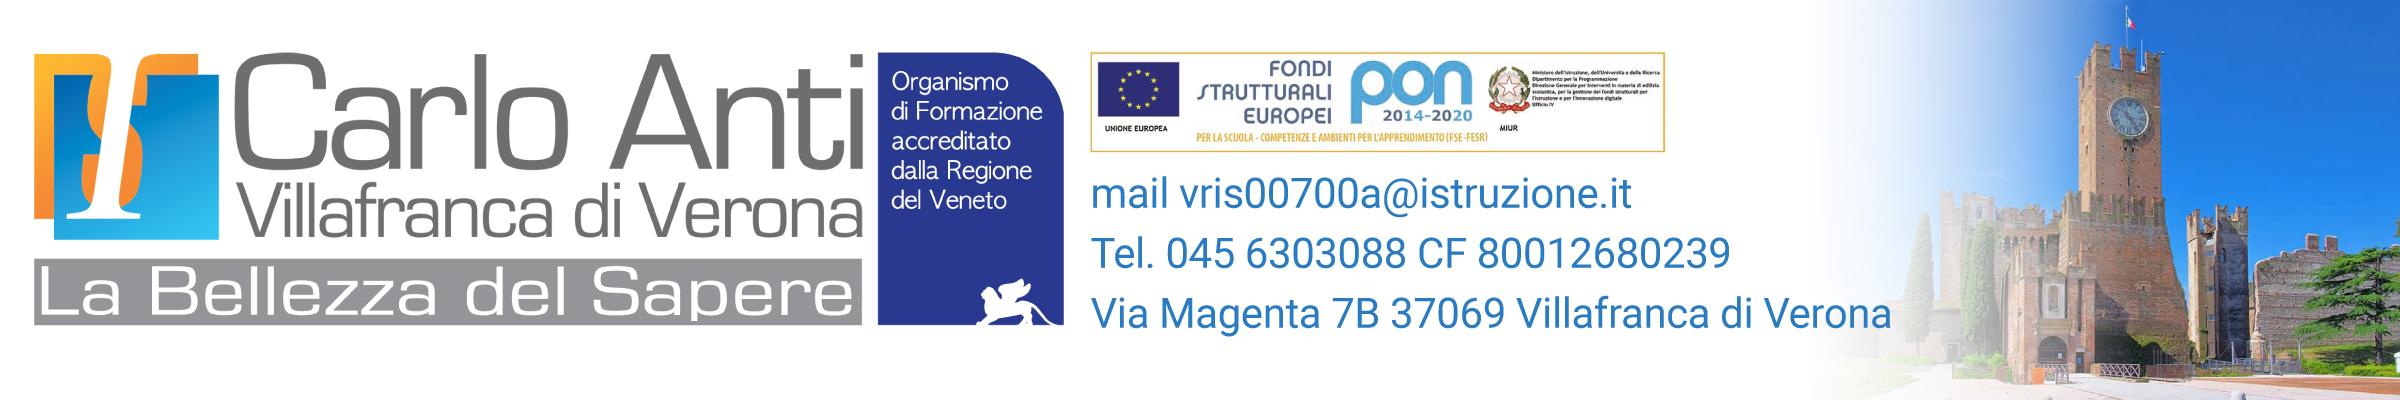 """Istituto Statale Superiore """"Carlo Anti"""" - Villafranca di Verona"""